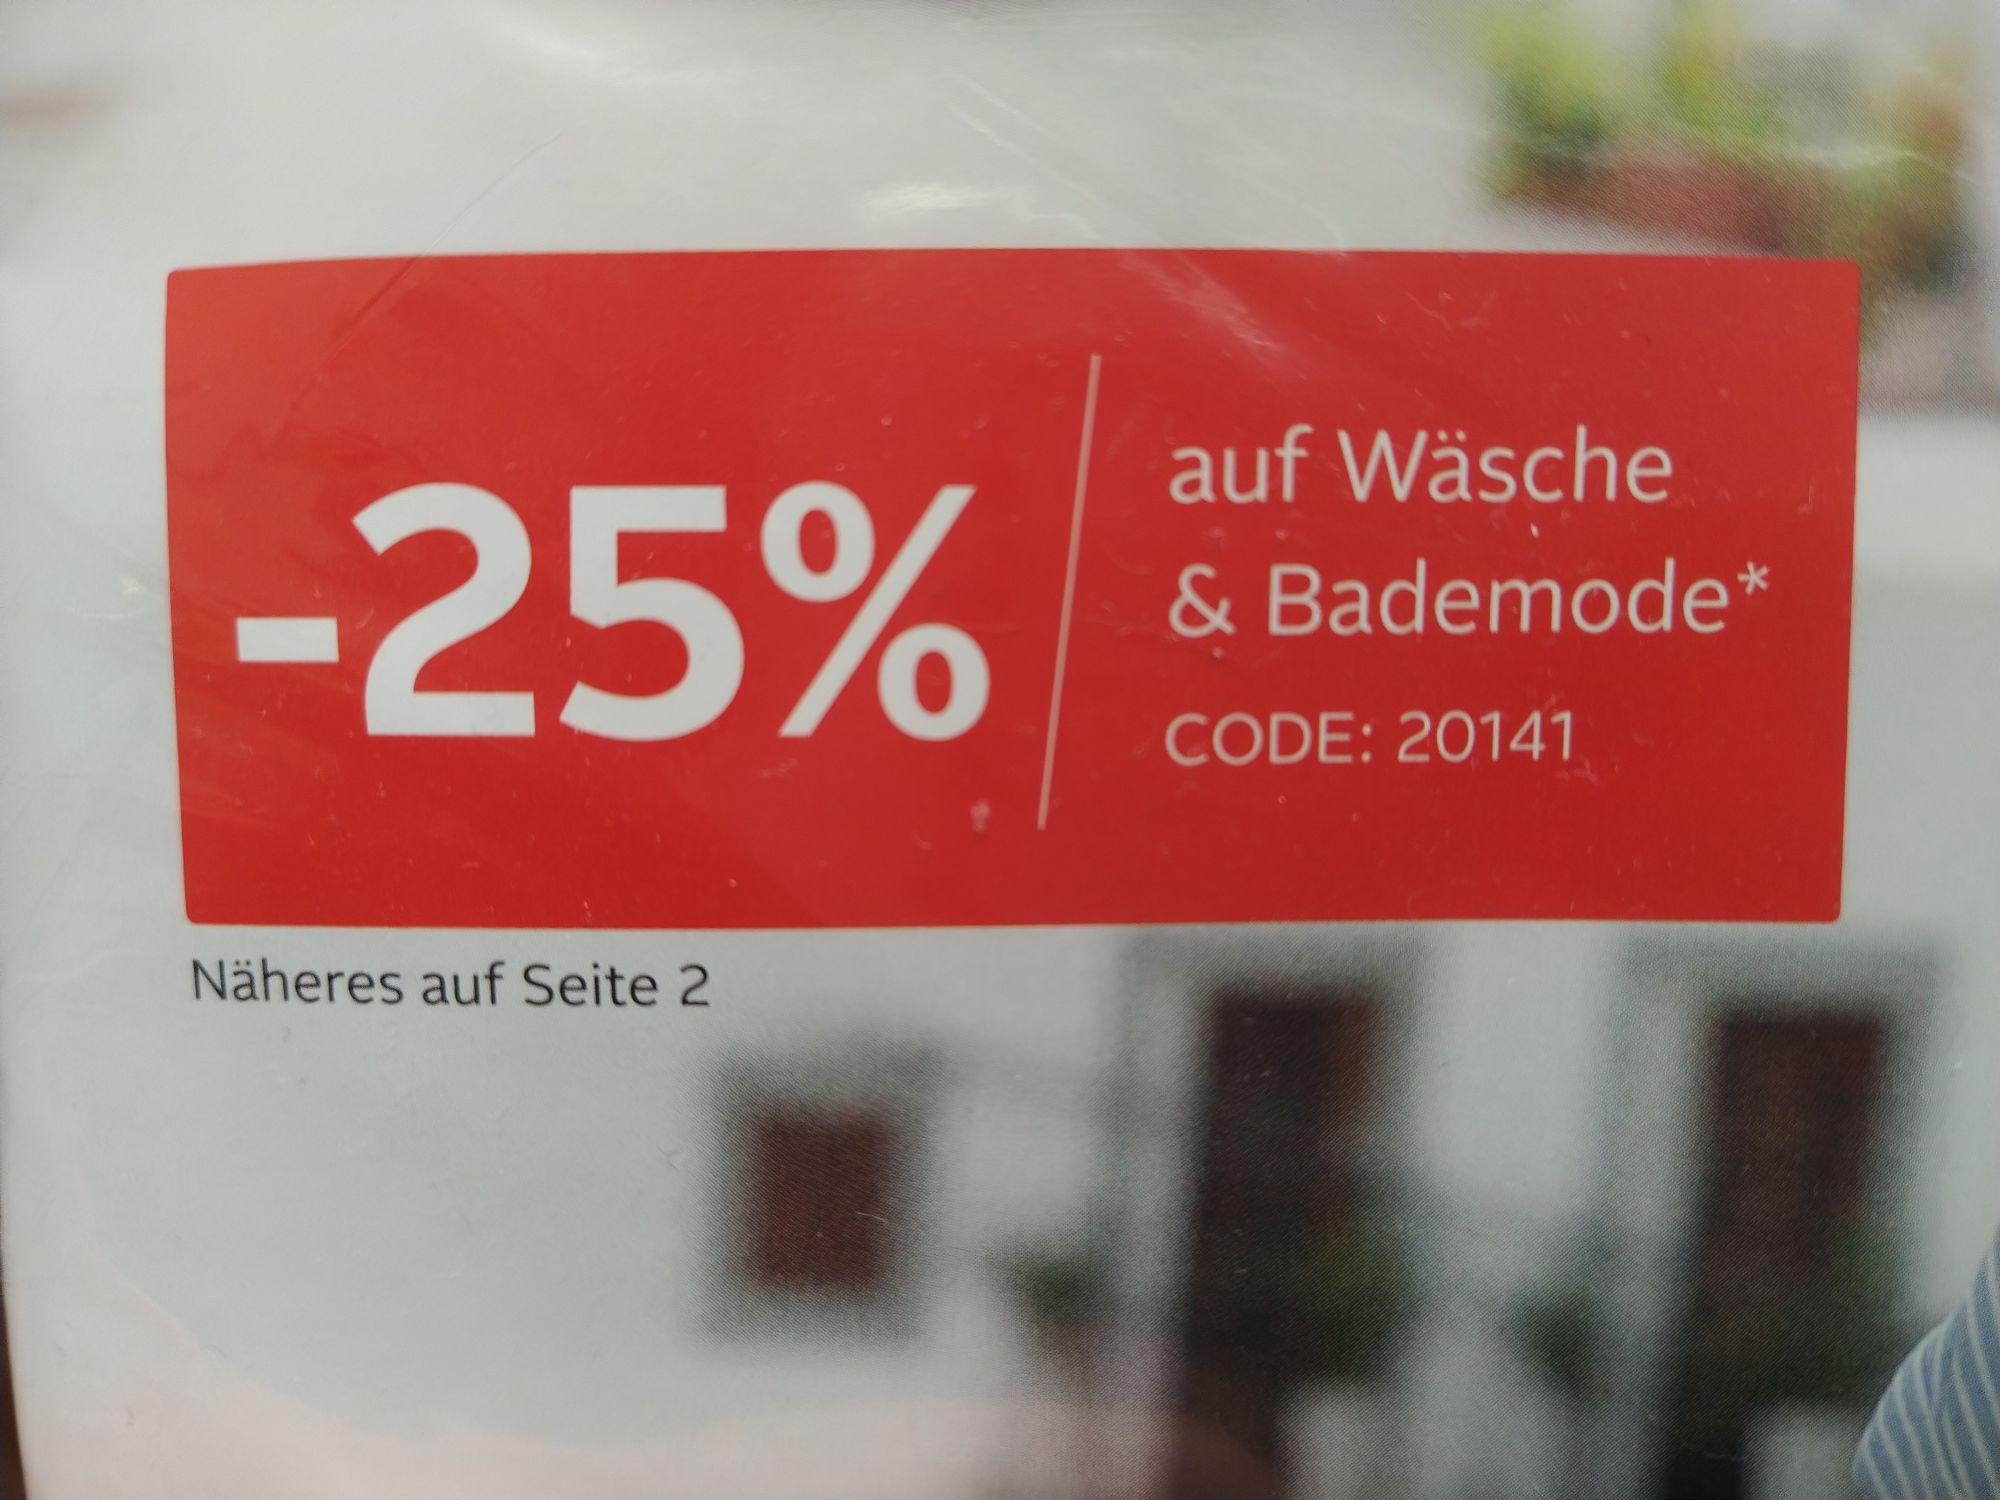 -25% auf Wäsche und Bademode bei OTTO